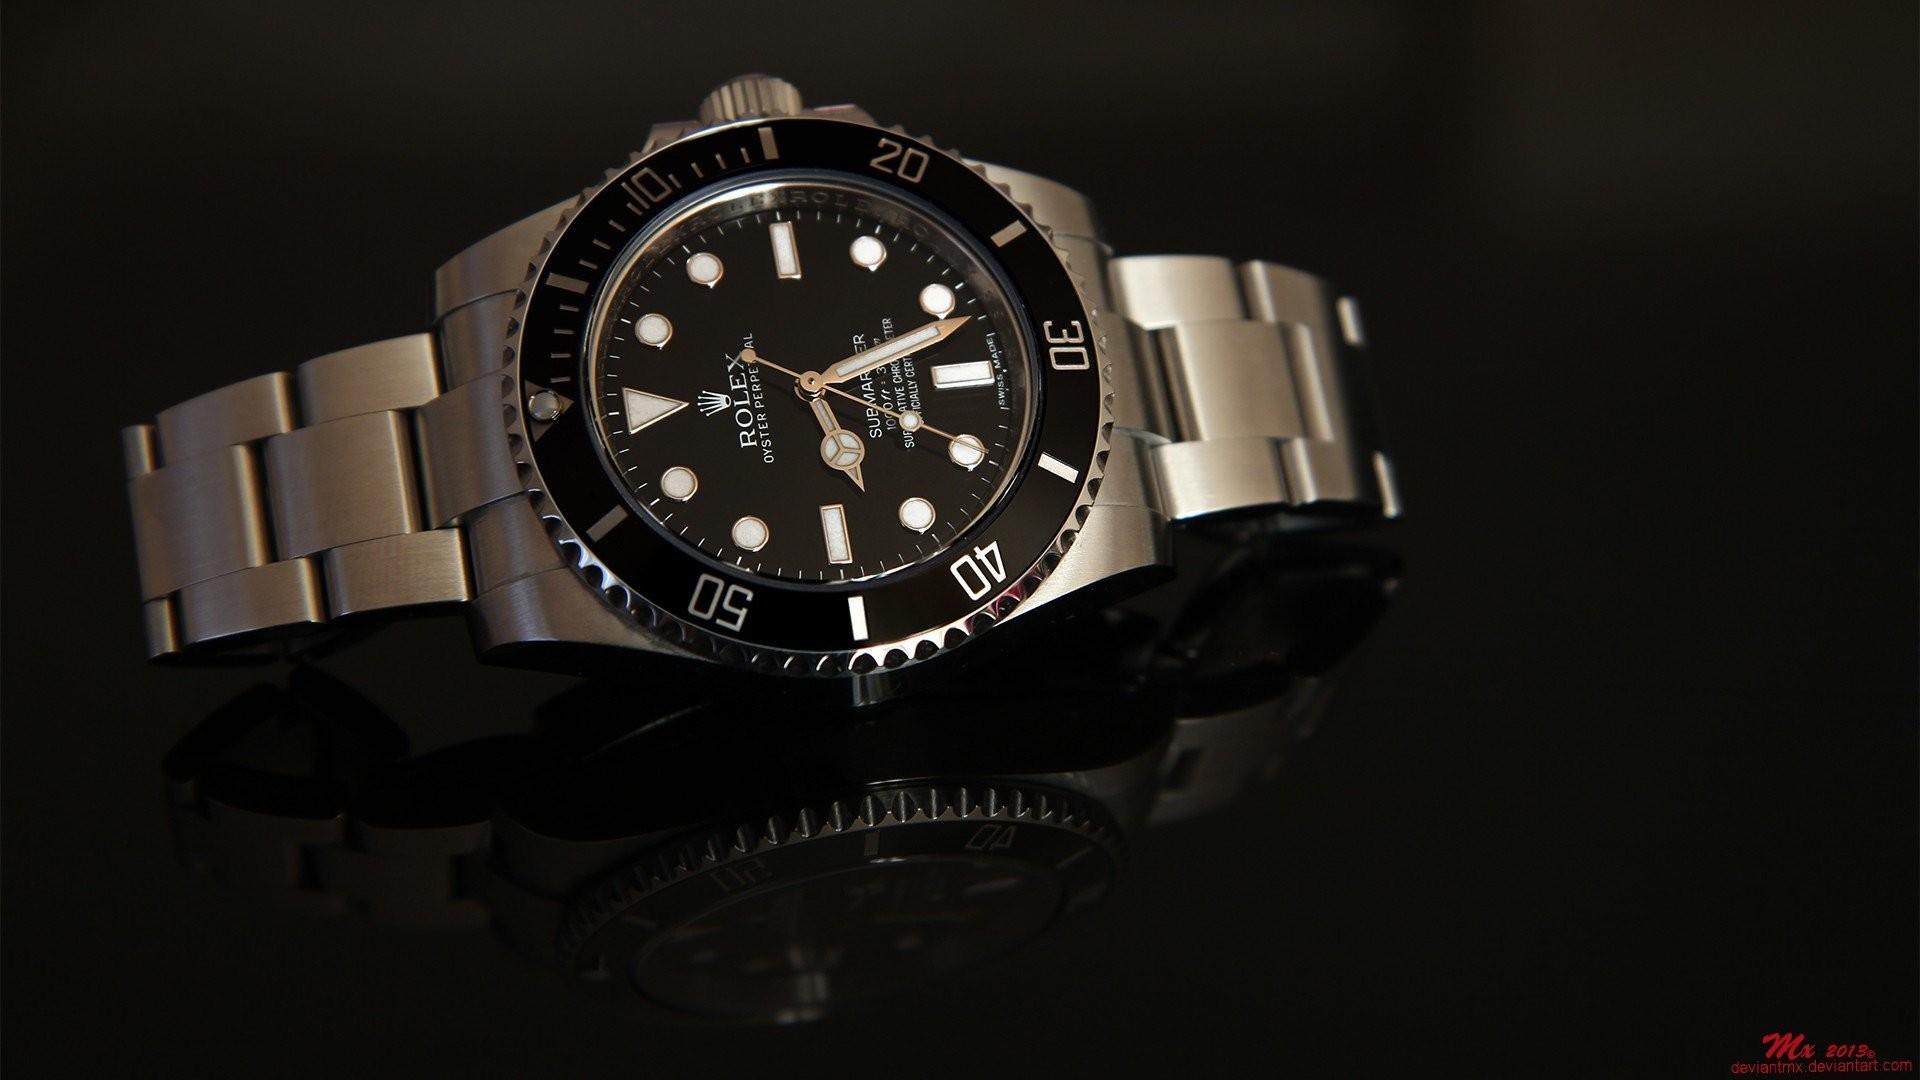 Res: 1920x1080, Rolex Wallpaper Clock